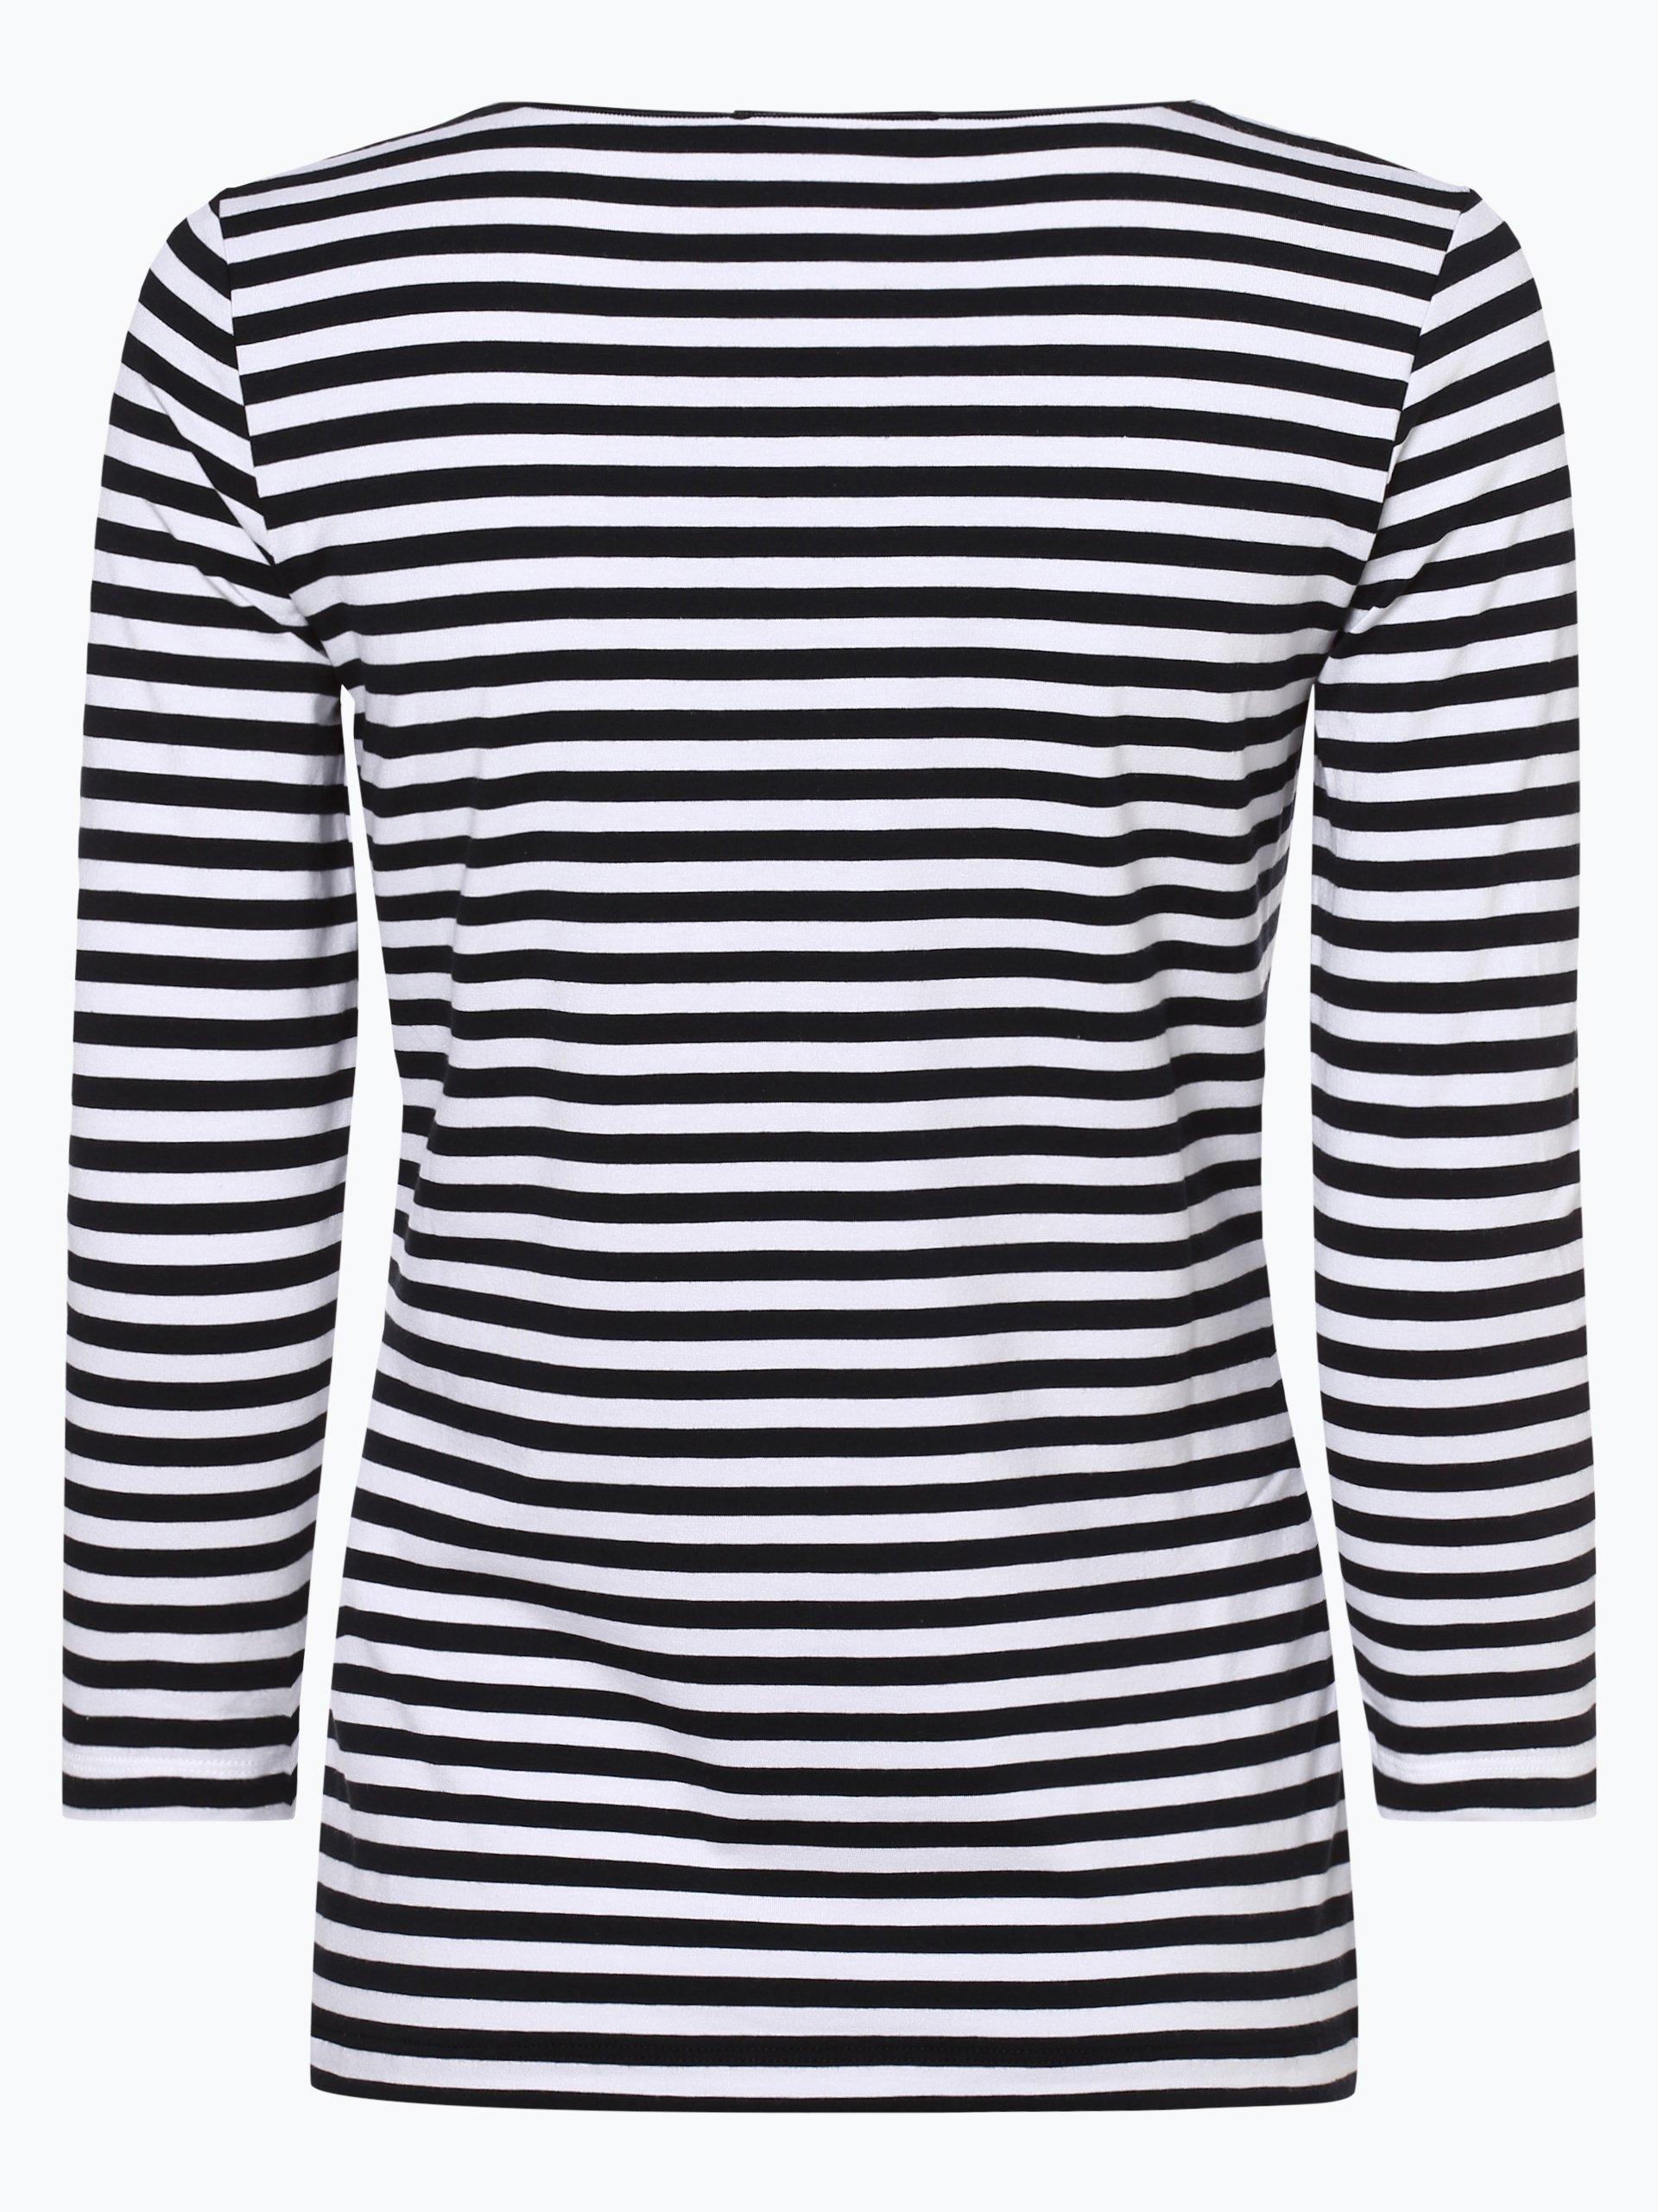 BOSS Damen Shirt - E4513